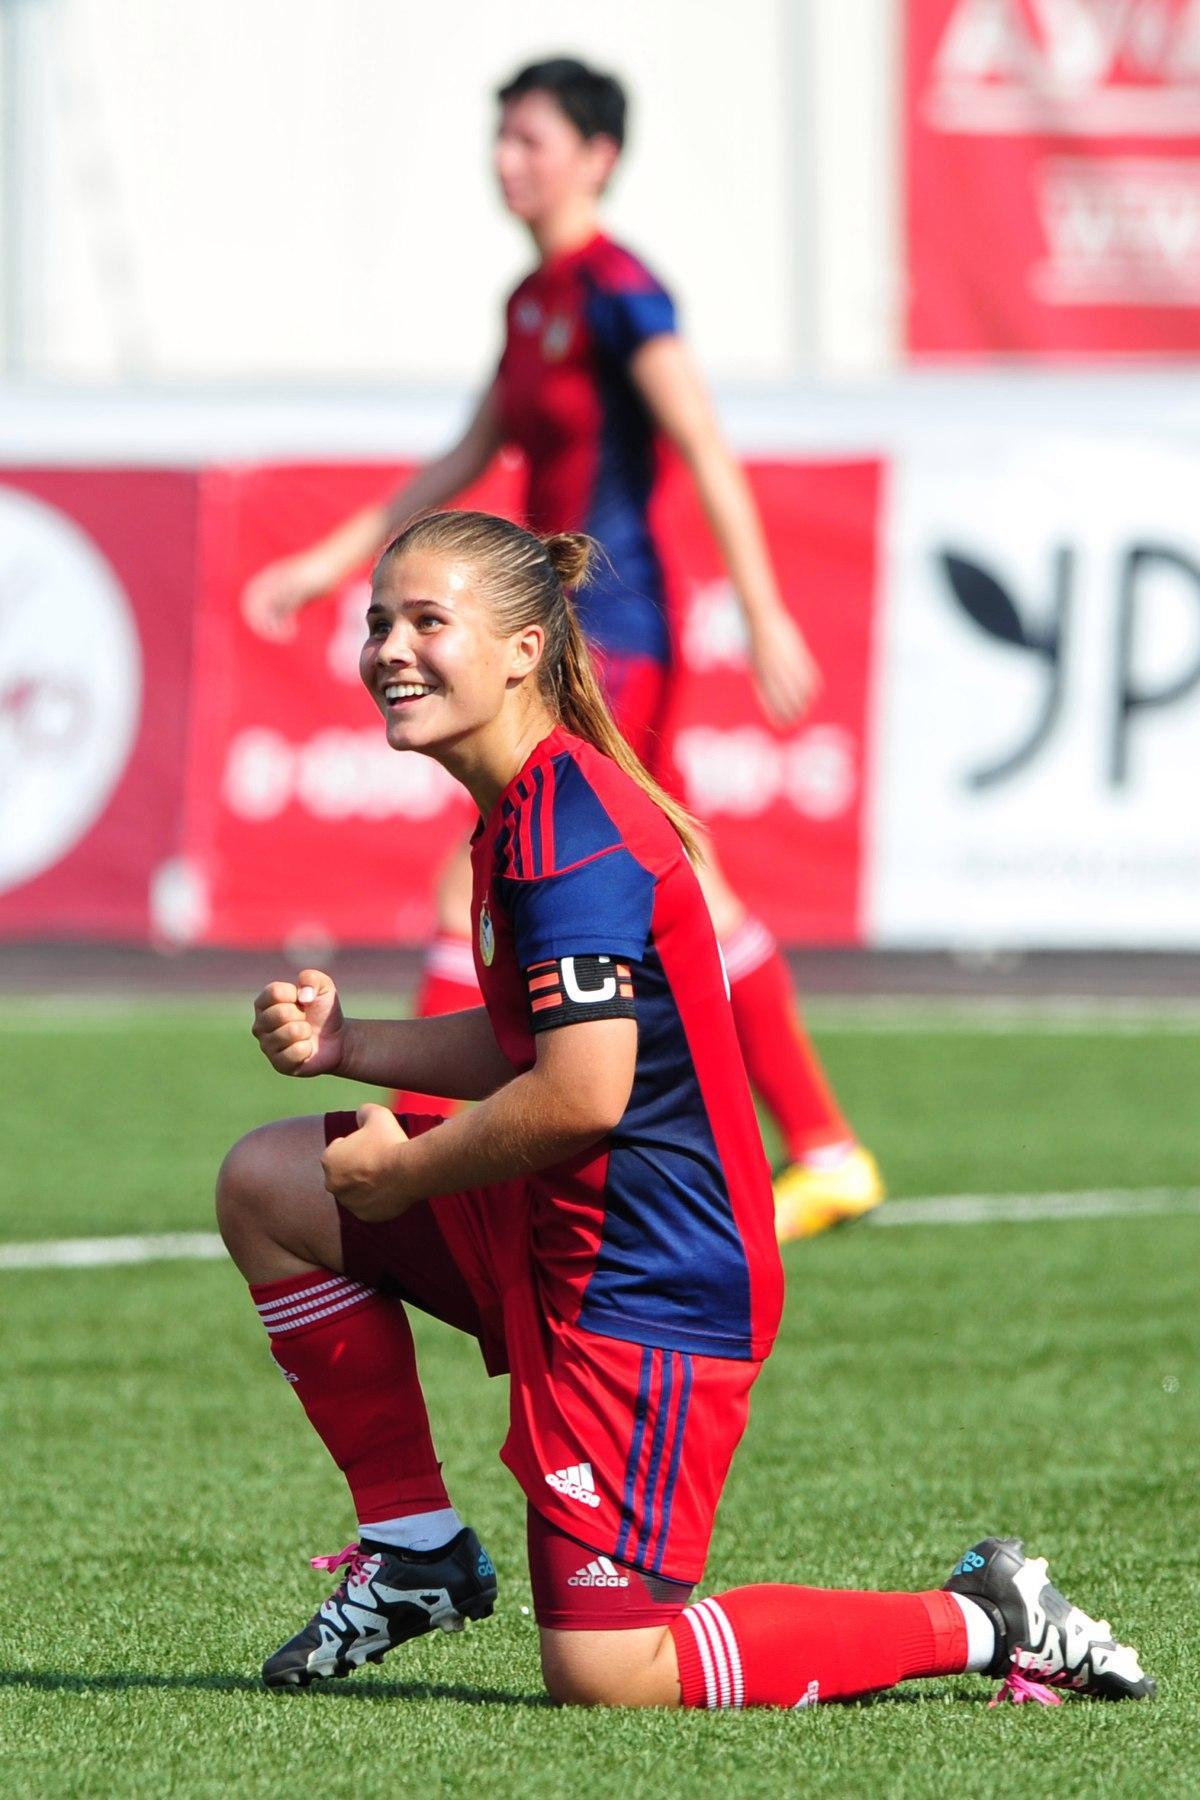 Коломчанка стала чемпионкой России по футболу